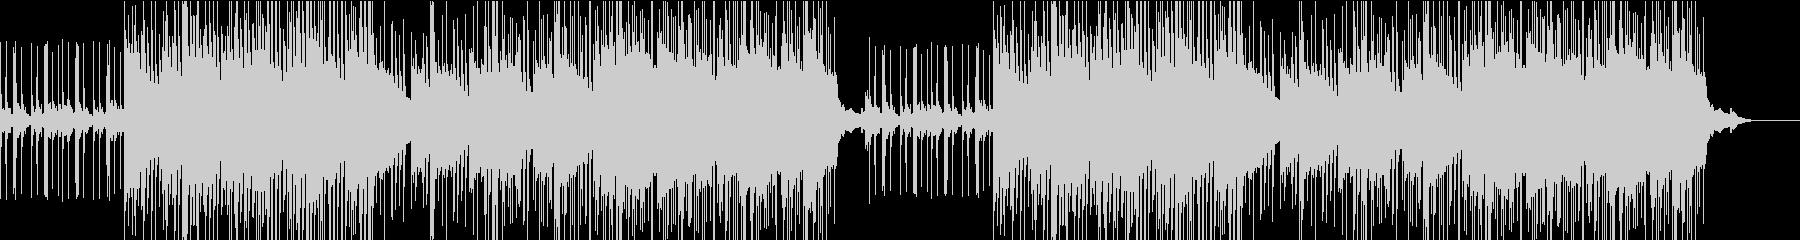 軽快なピアノが特徴的な曲の未再生の波形